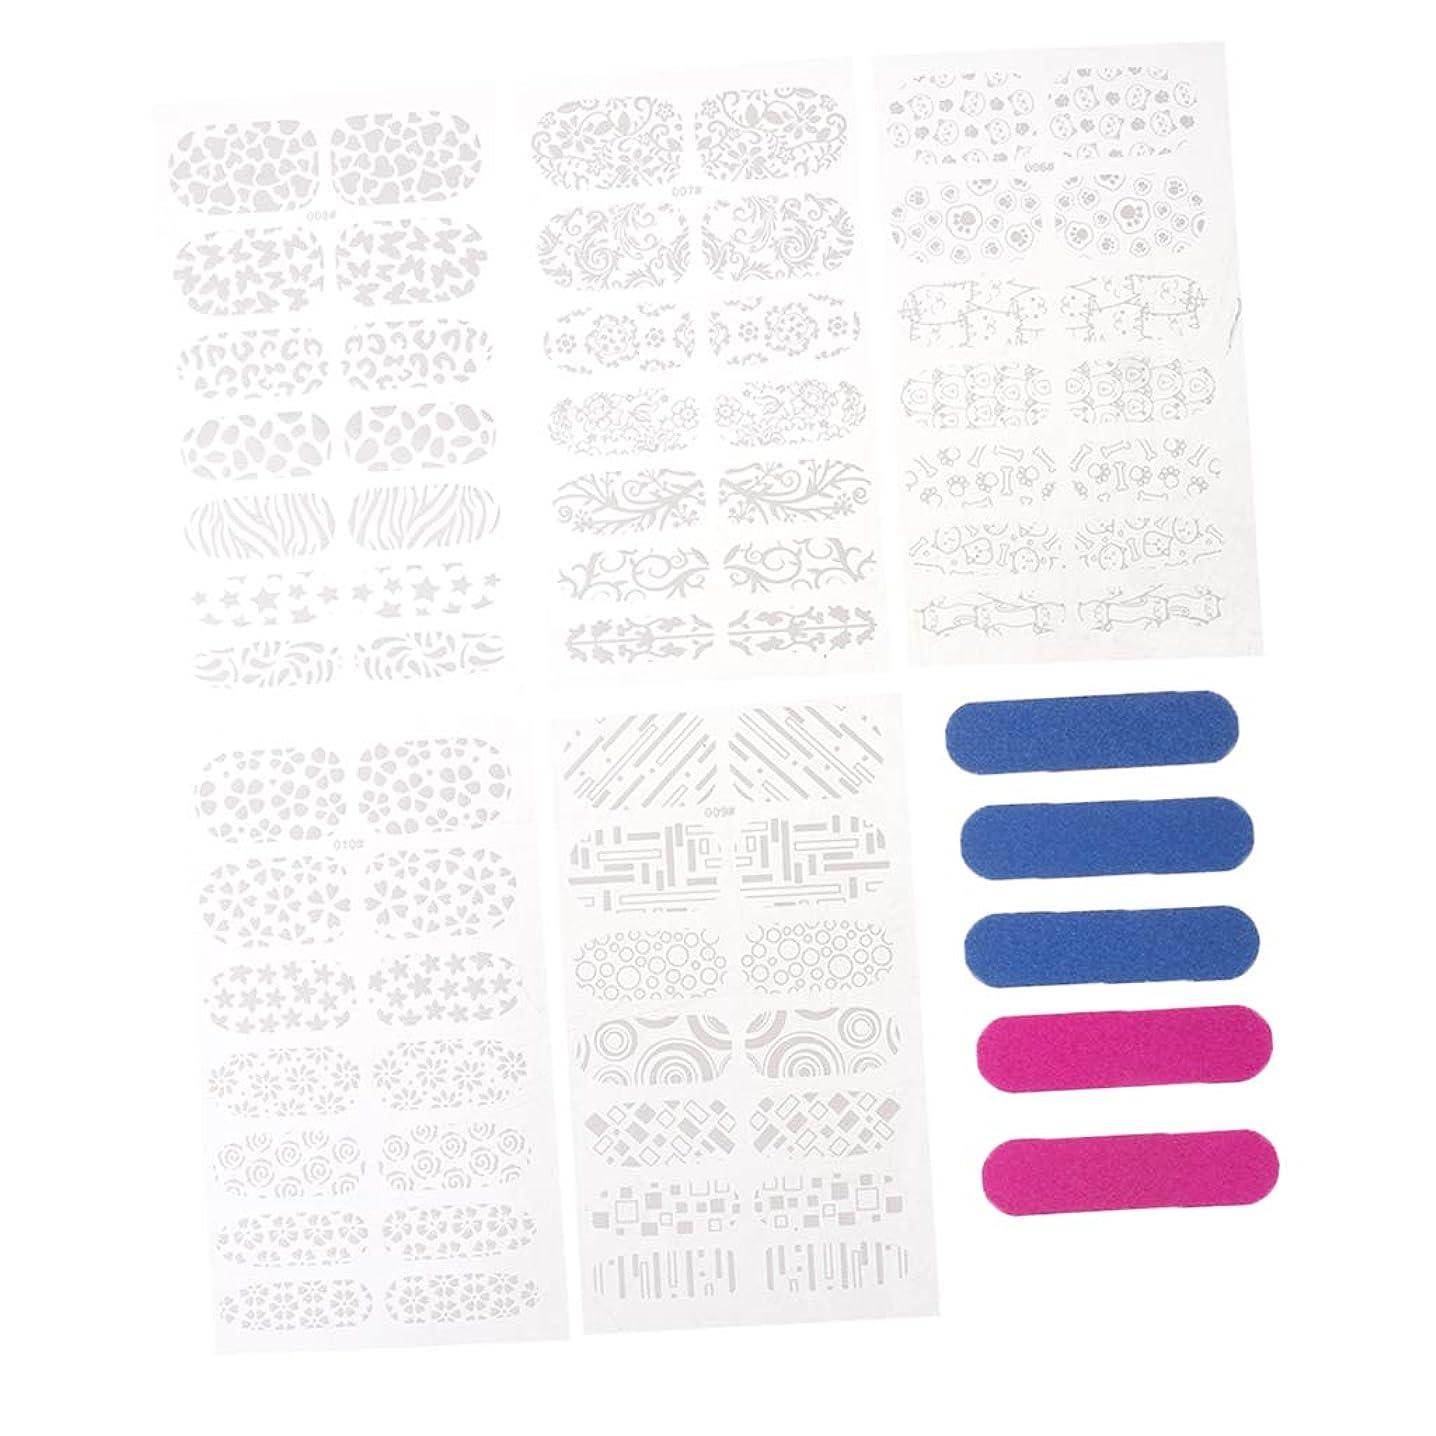 ディベート適応的委任するB Baosity 5枚 ネイルアートステッカー ネイル装飾 マニキュア 天然爪 人工爪 ネイル道具 2タイプ選べ - B